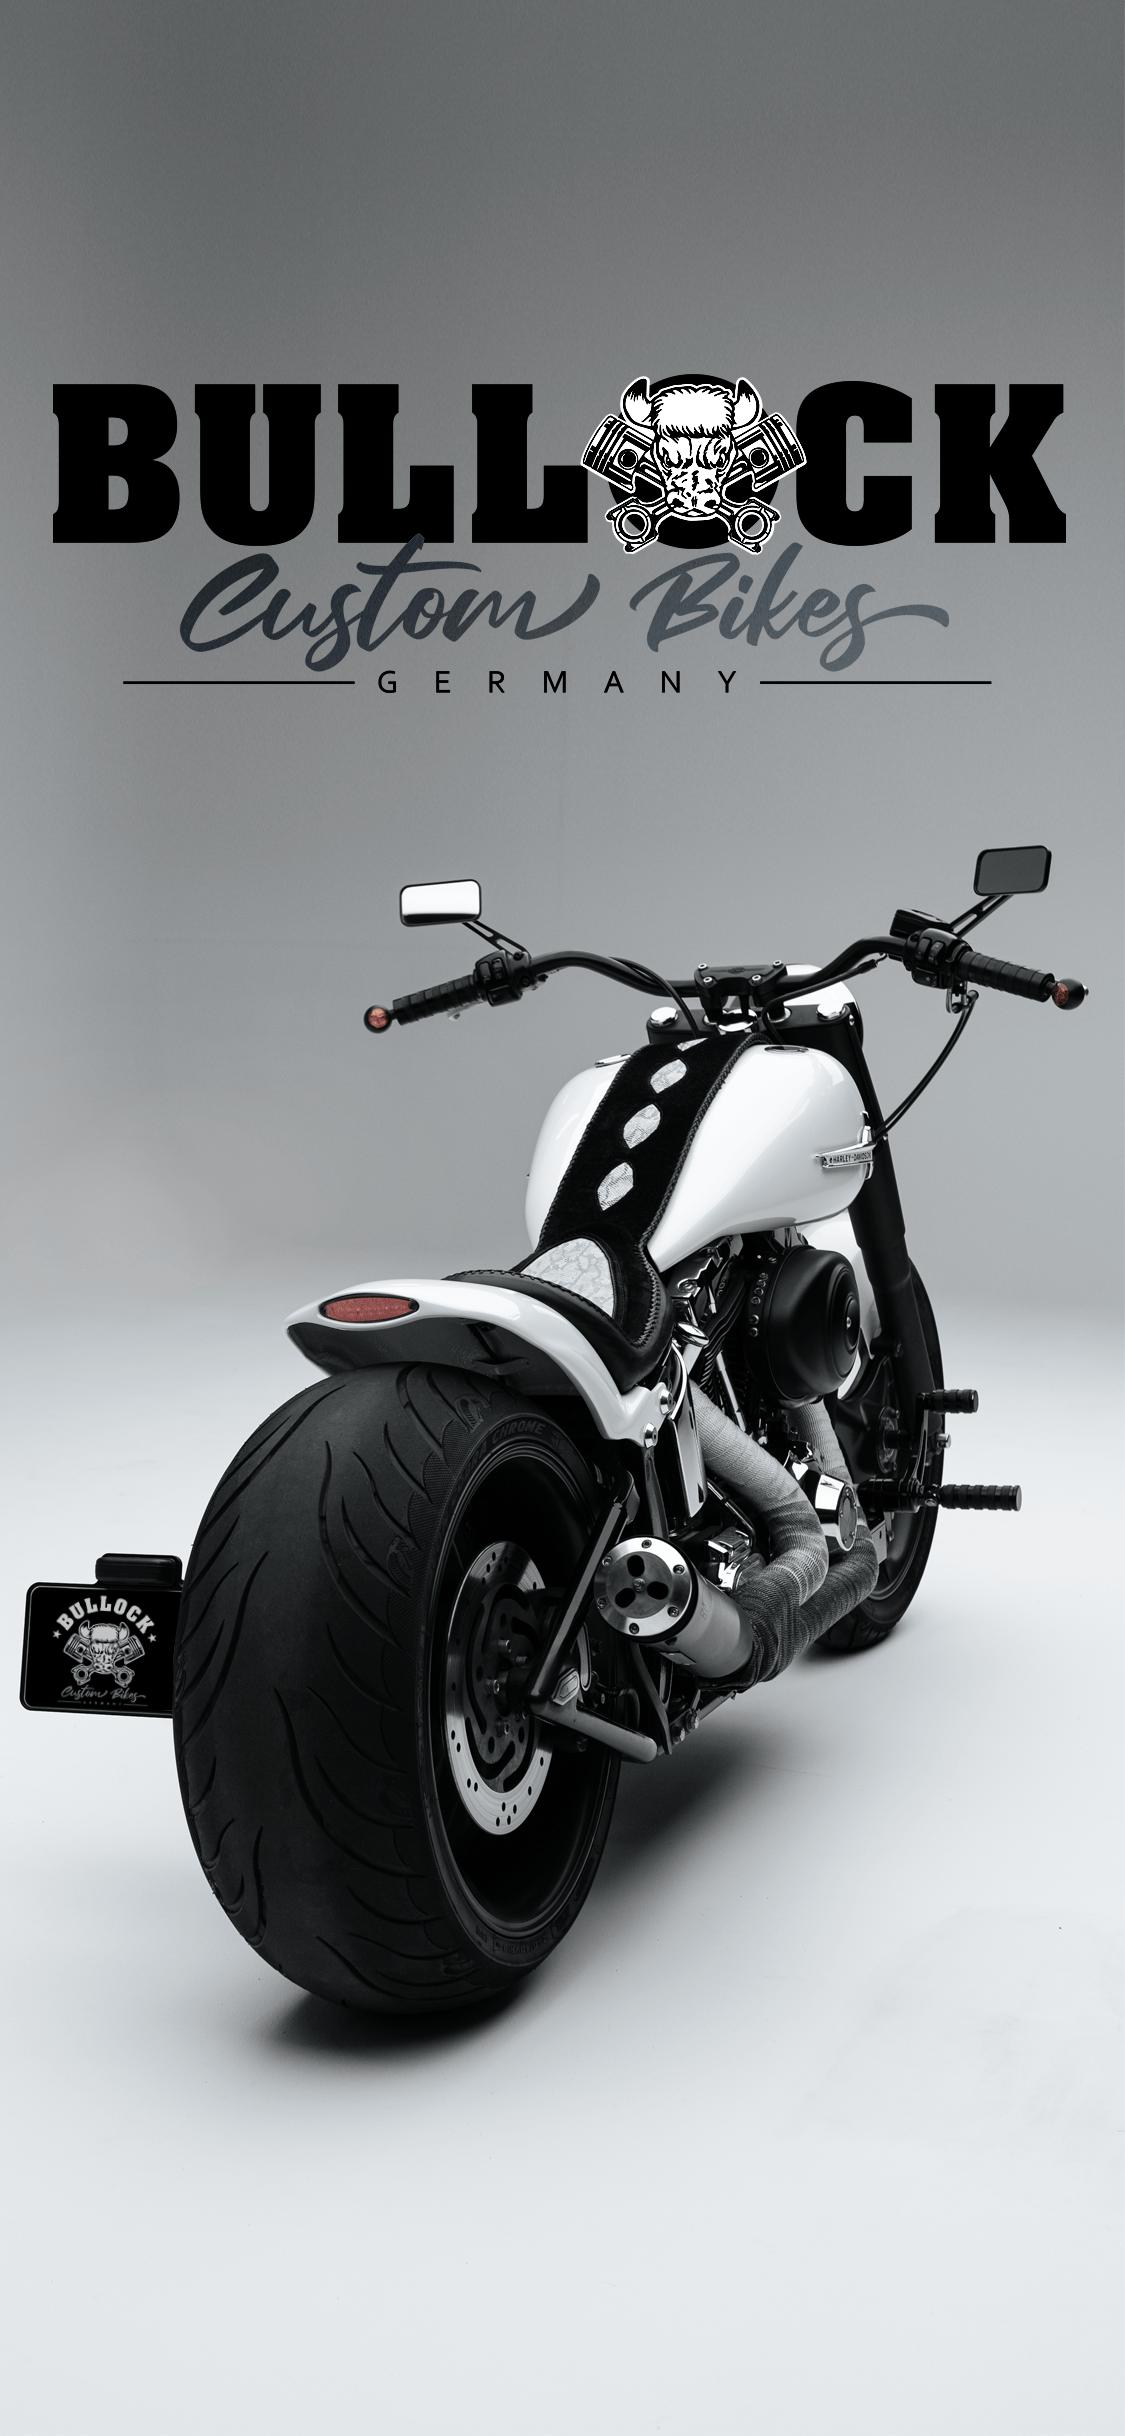 Bullock Custom Bikes Harley Davidson Slim